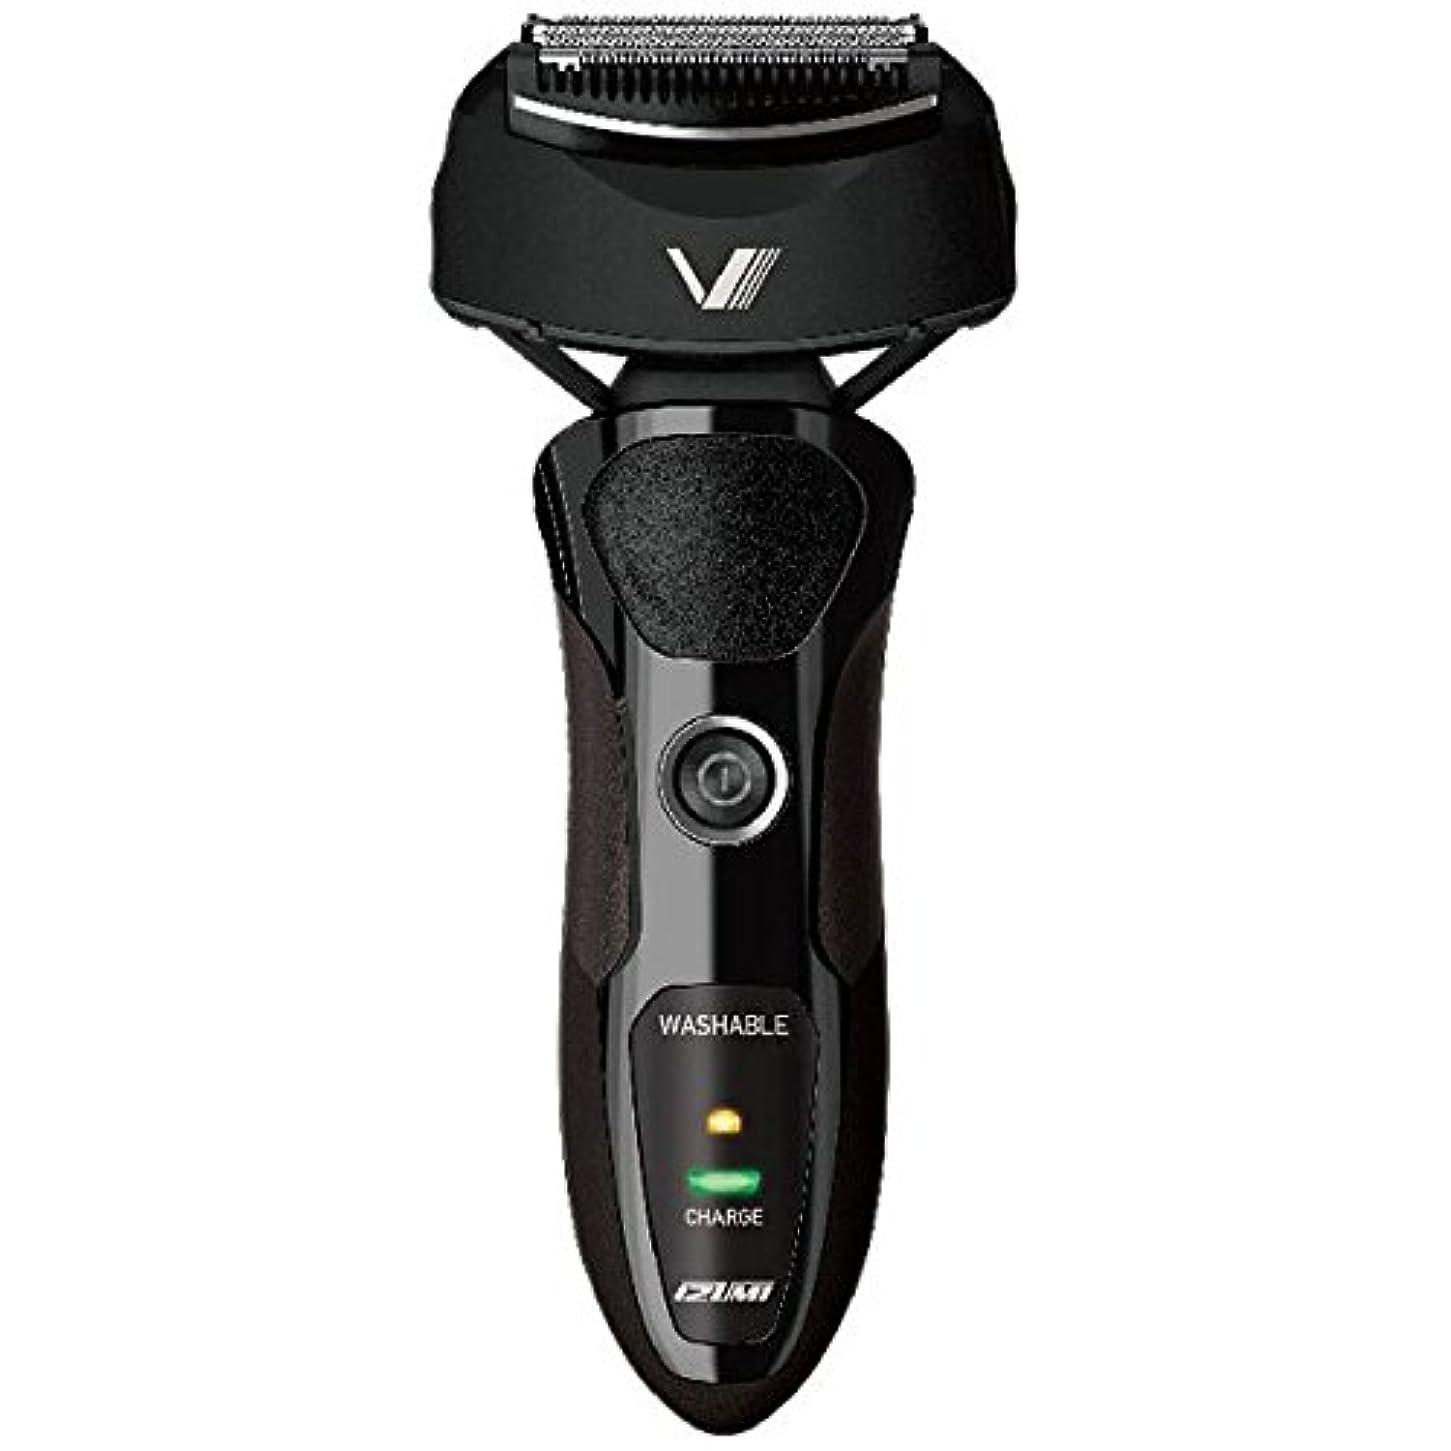 ノミネートストライク幻影IZUMI VIDAN 往復式シェーバー 深剃りシリーズ 3枚刃 ブラック IZF-V36-K